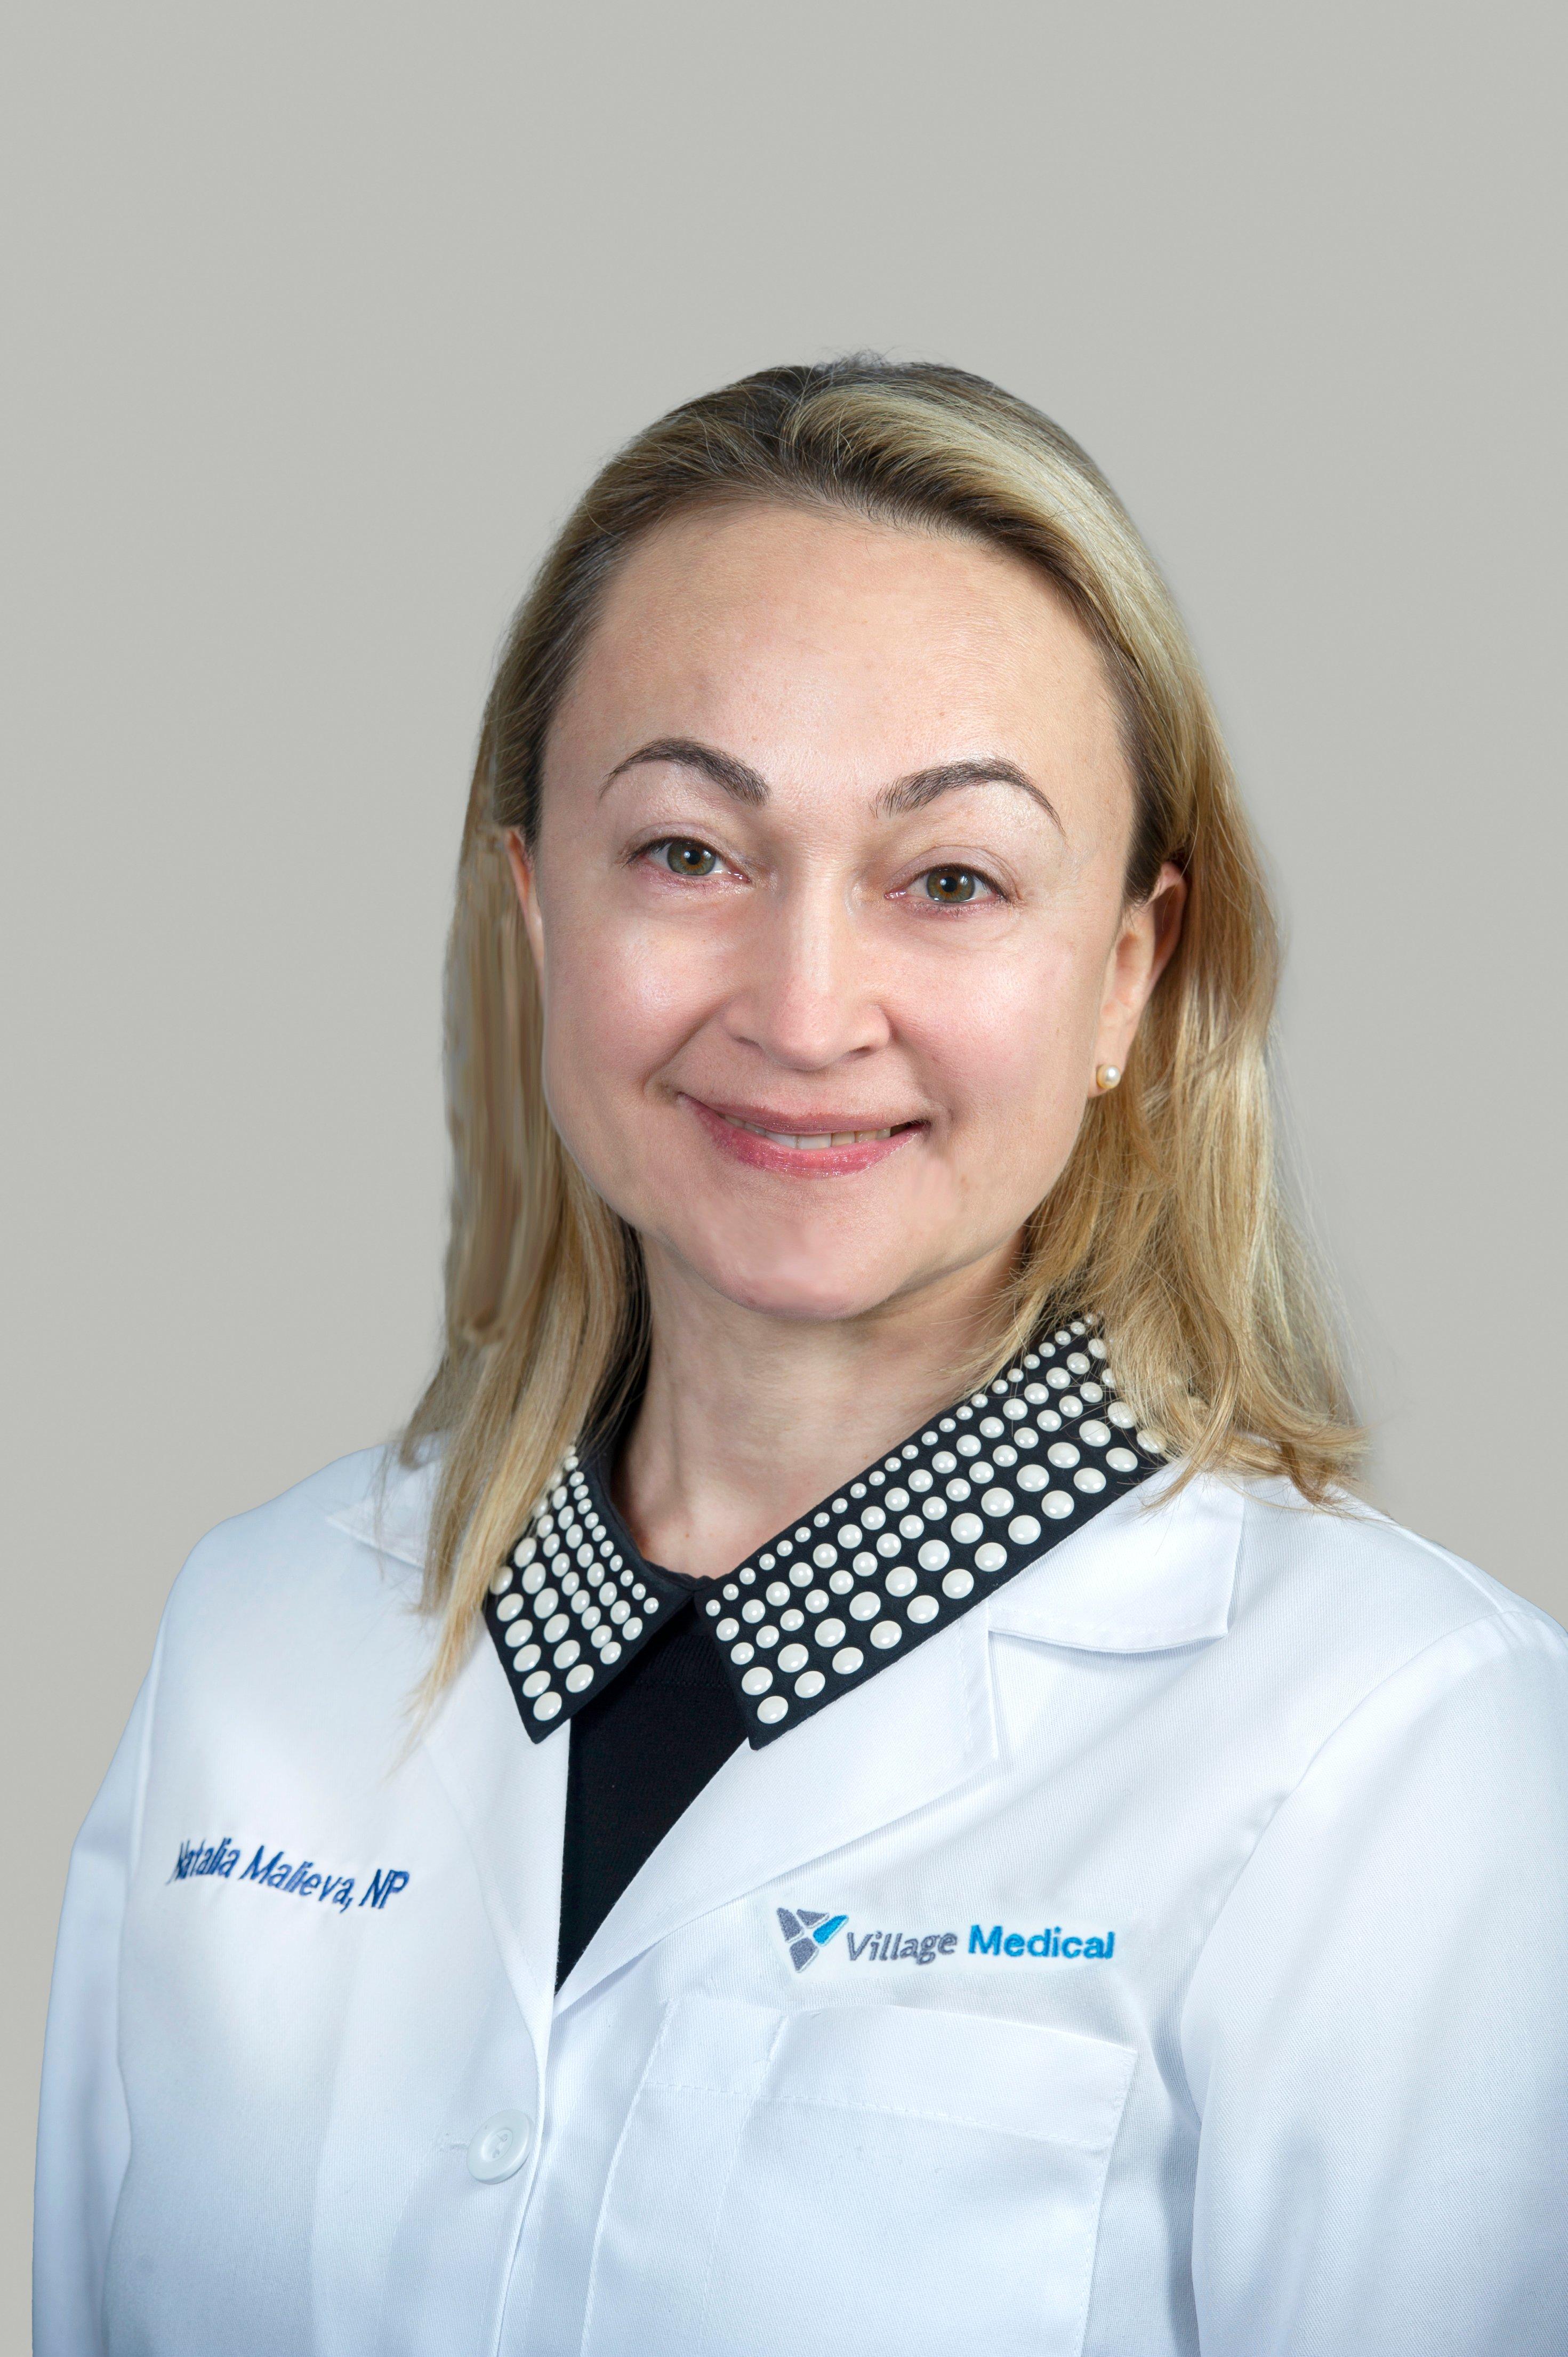 Natalia Malieva, MSN, FNP